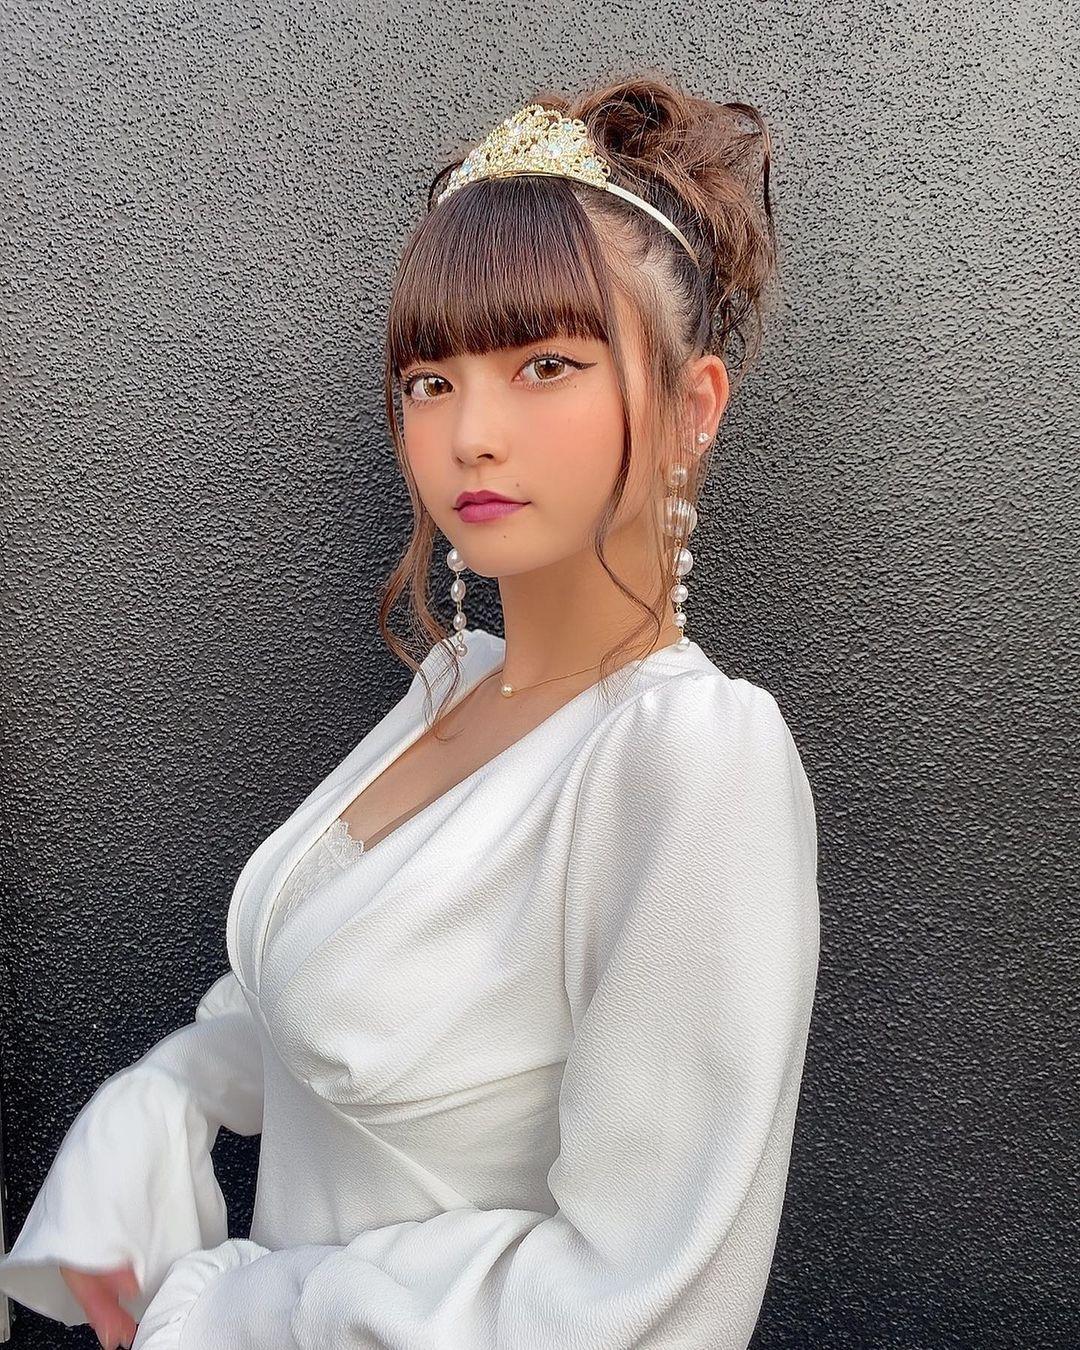 今年刚高中毕业 18 岁美少女樱井音乃身材整个无敌 网络美女 第19张